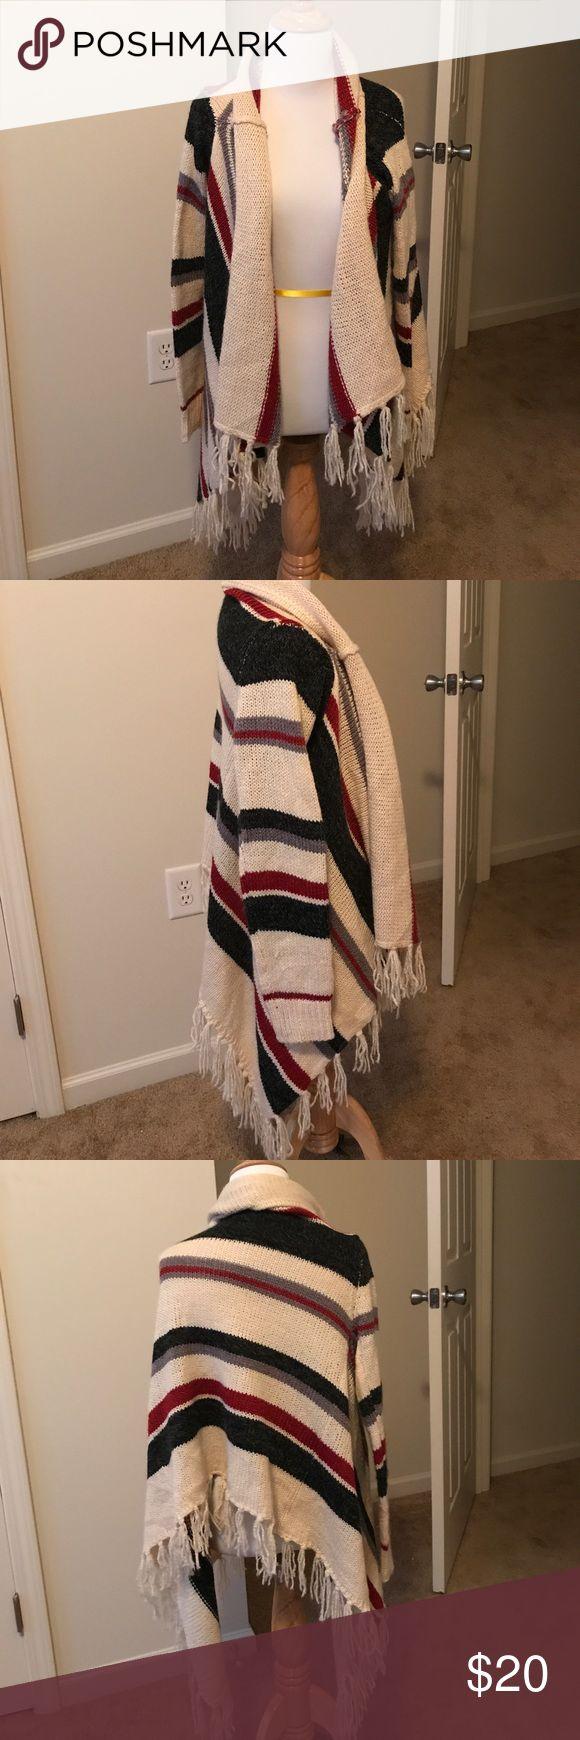 Forever 21 fringed boho sweater Brand is Forever 21. Size medium. Fringed boho style sweater. Forever 21 Sweaters Cardigans